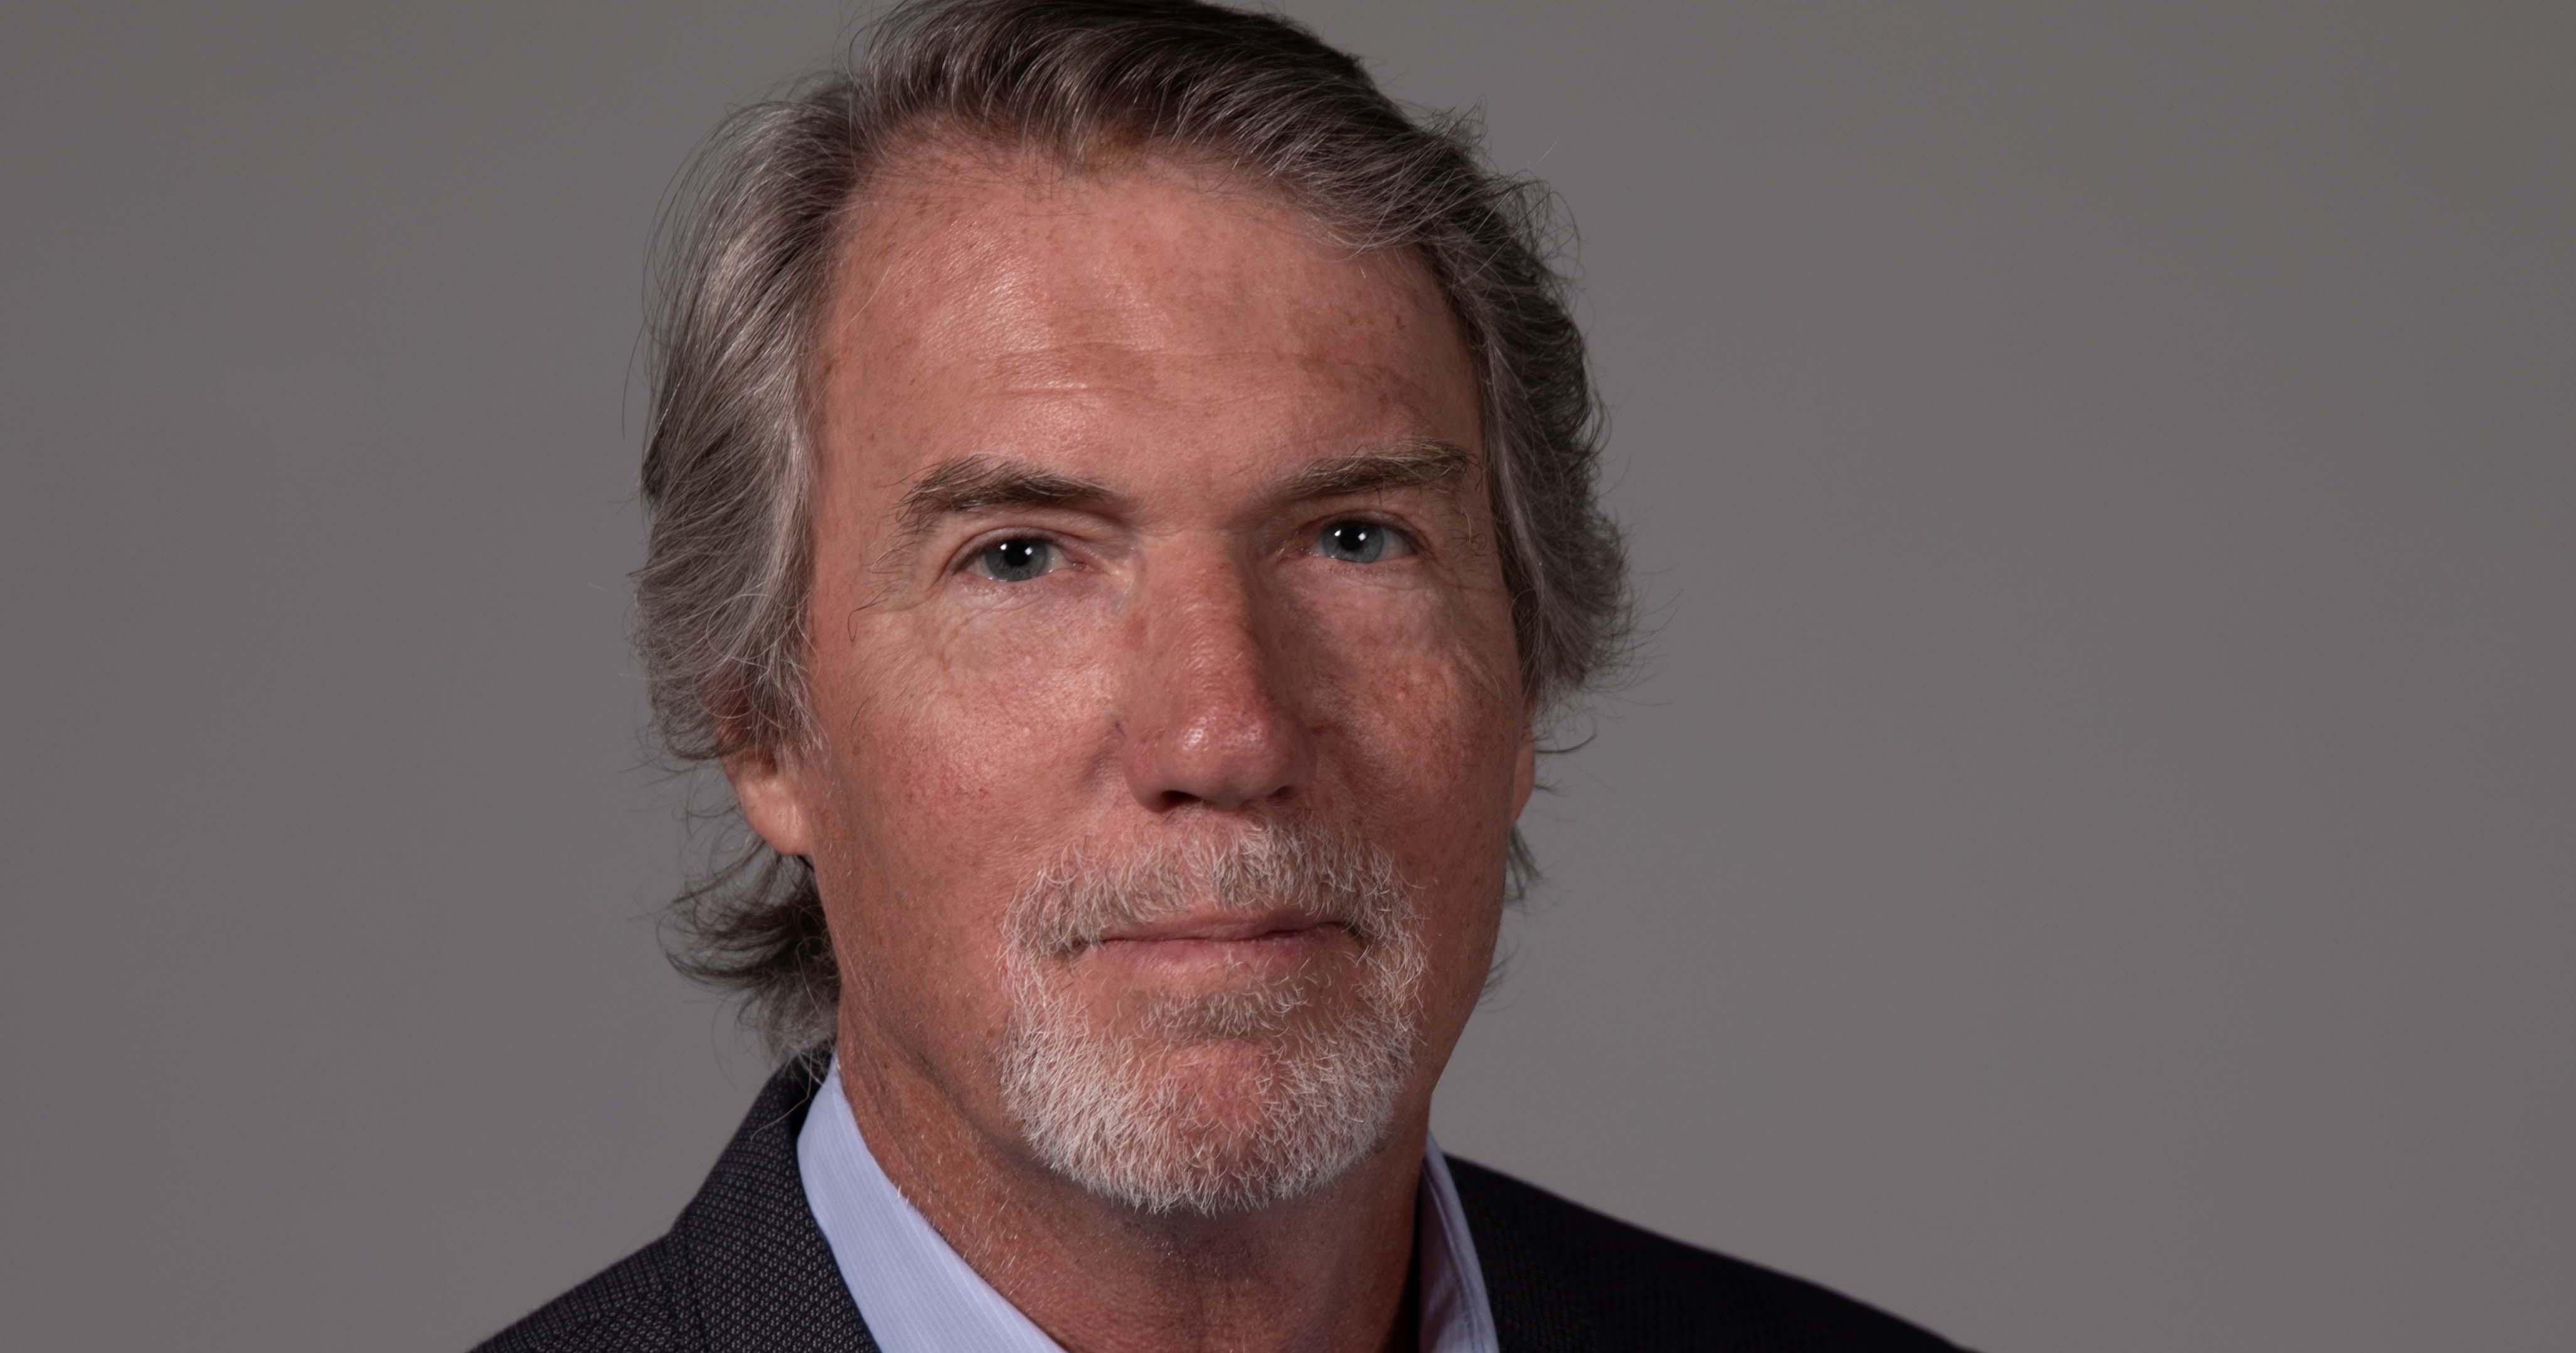 Meet our team - Jim Mutter